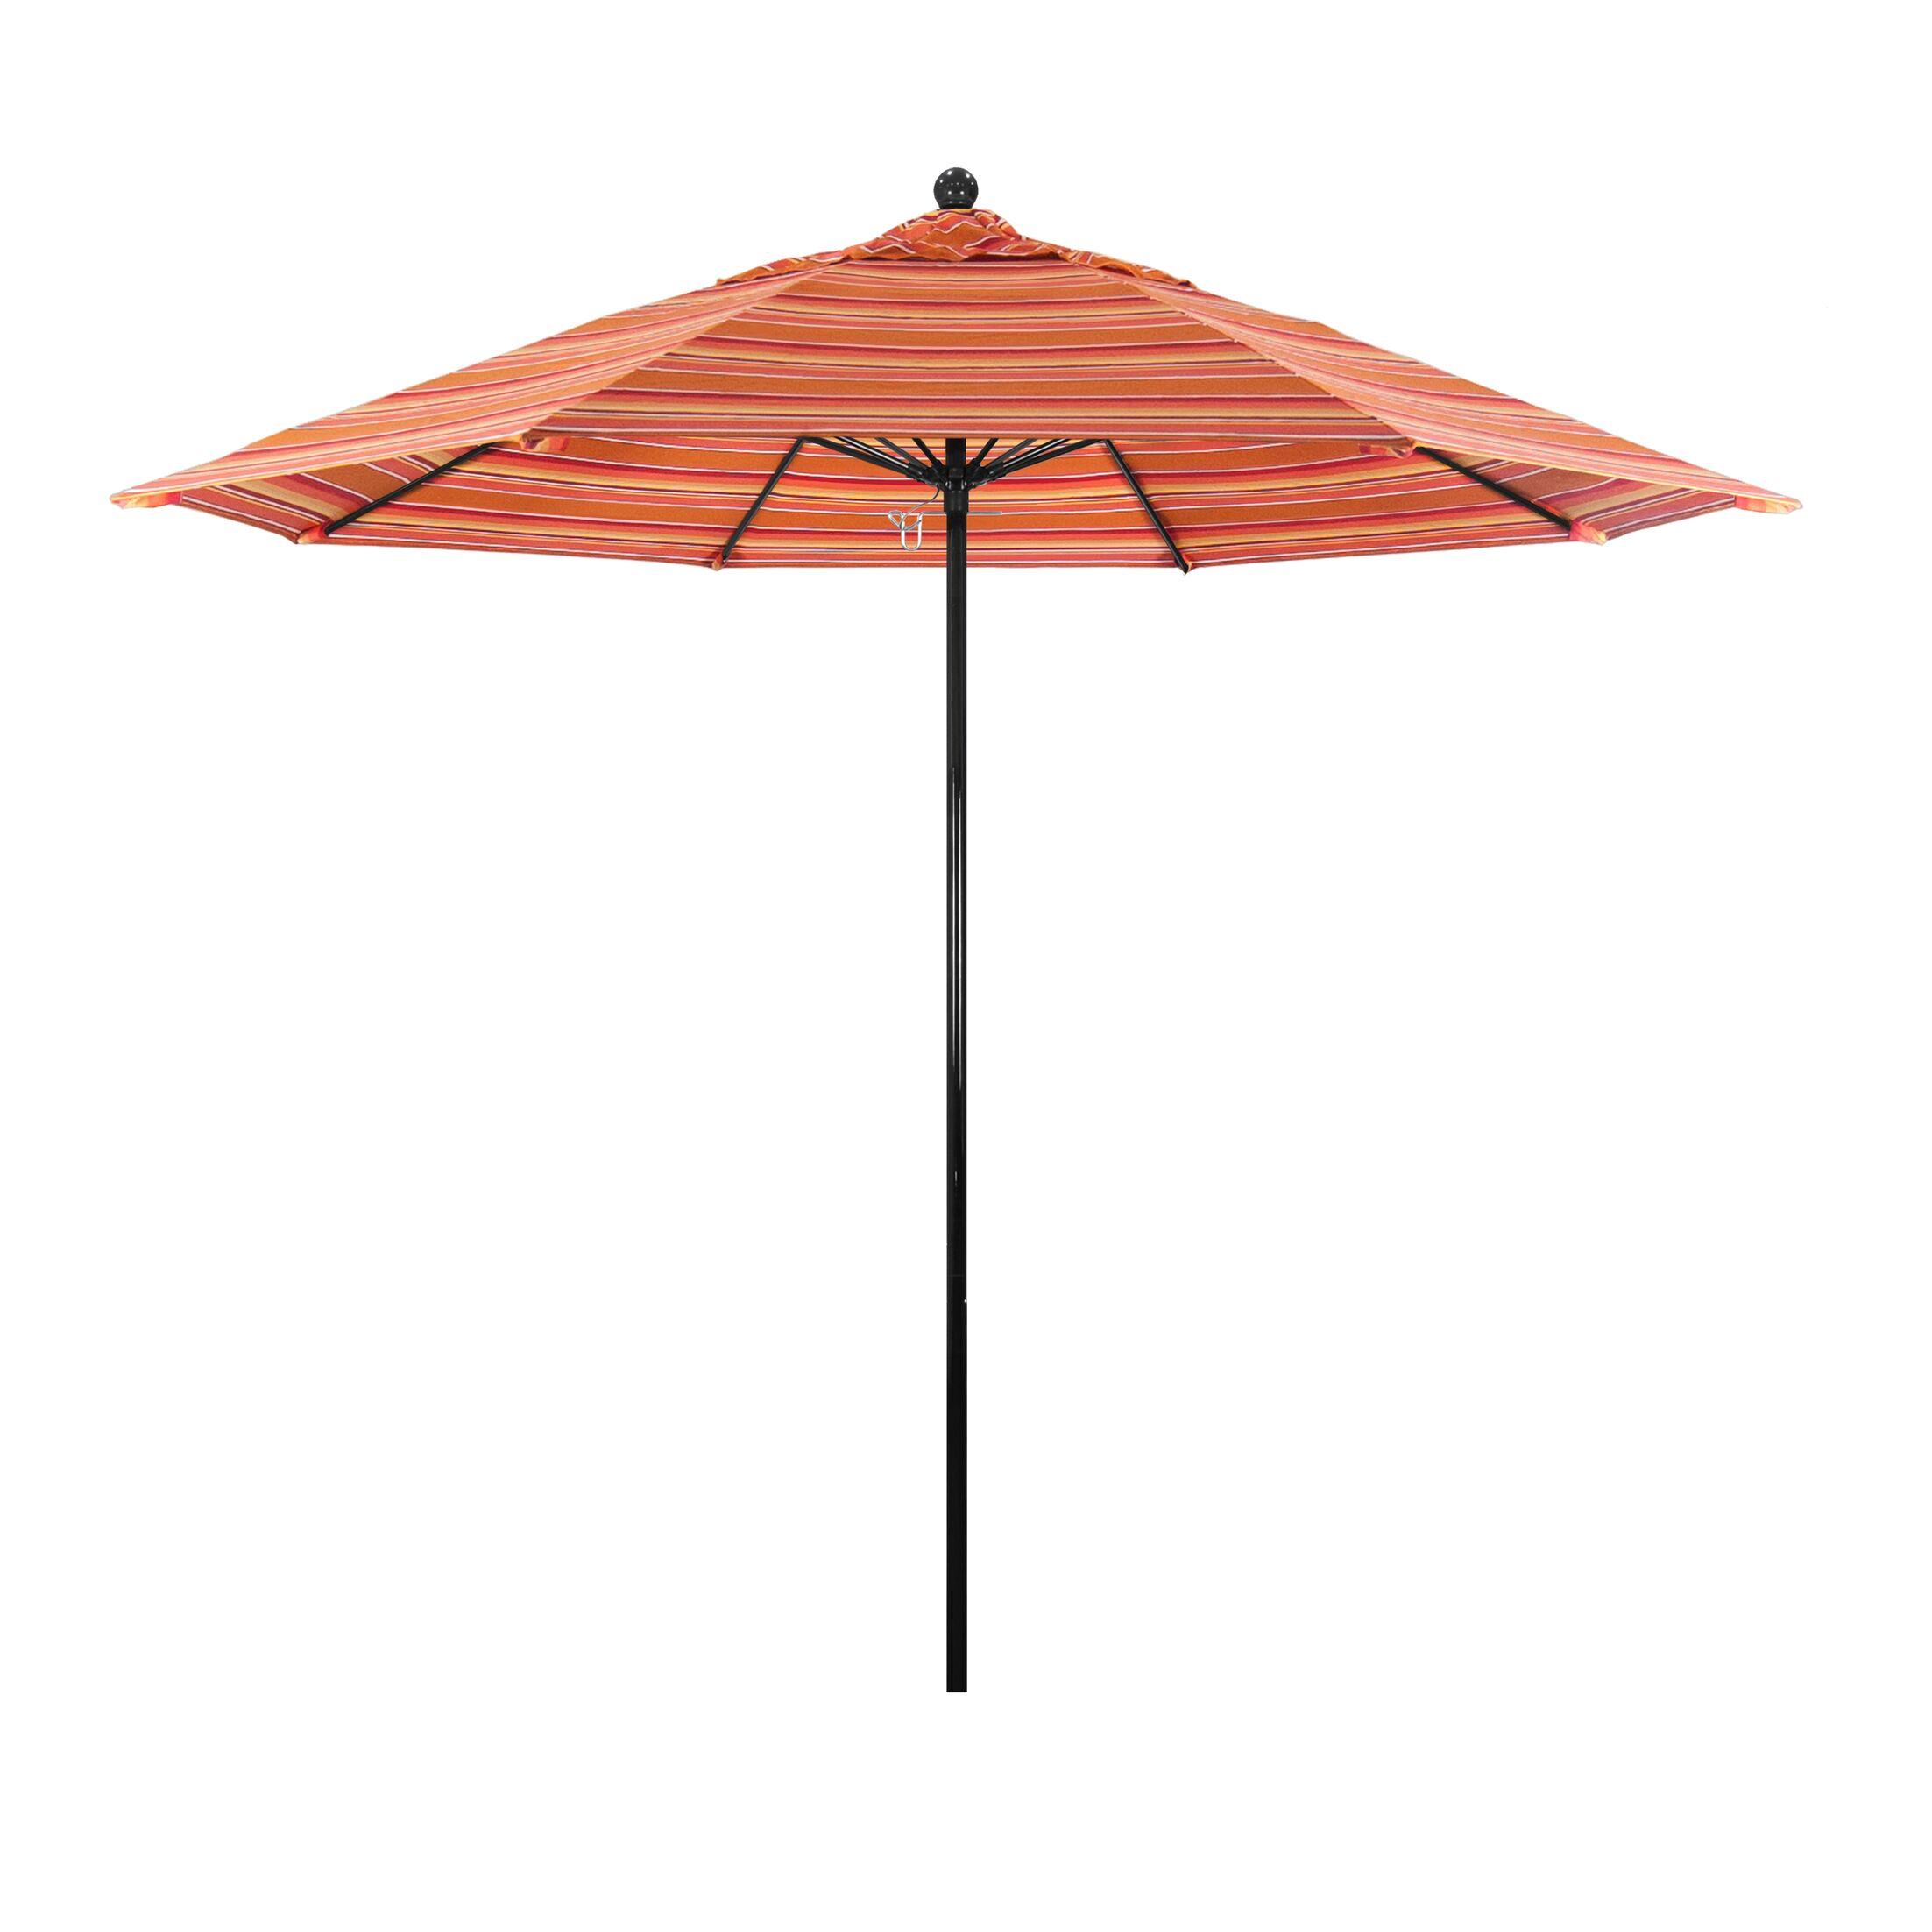 9' Market Umbrella Fabric Color: Spectrum Cilantro